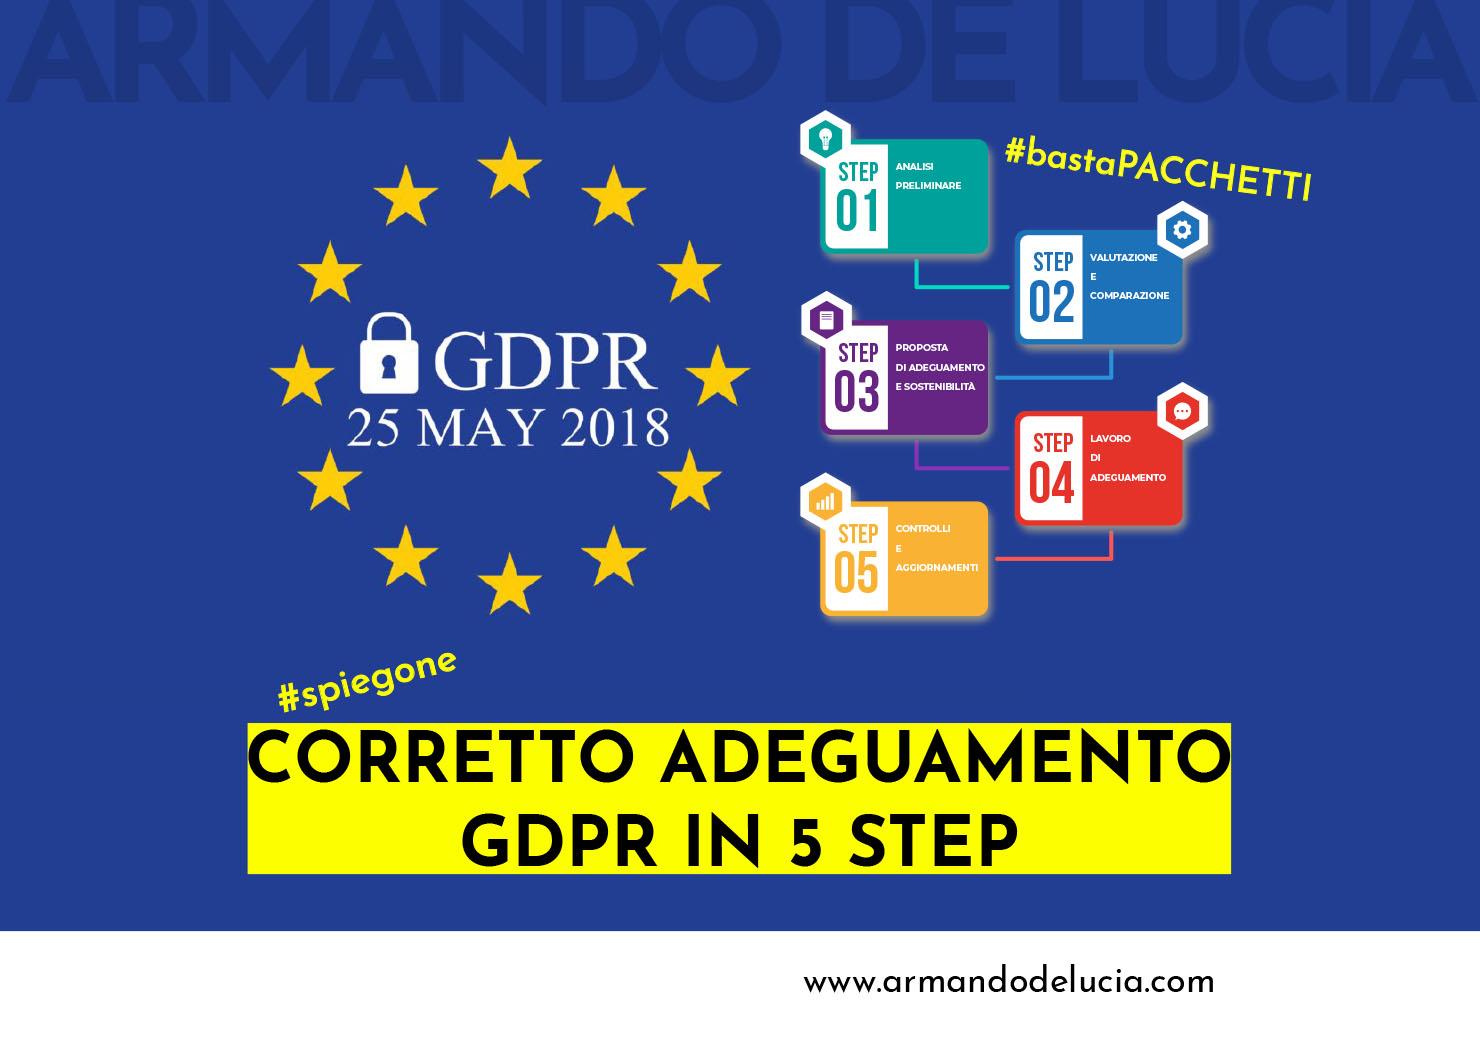 Come si svolge un giusto adeguamento privacy-GDPR [SPIEGATO BENE] - Armando De Lucia - Legale Informatico